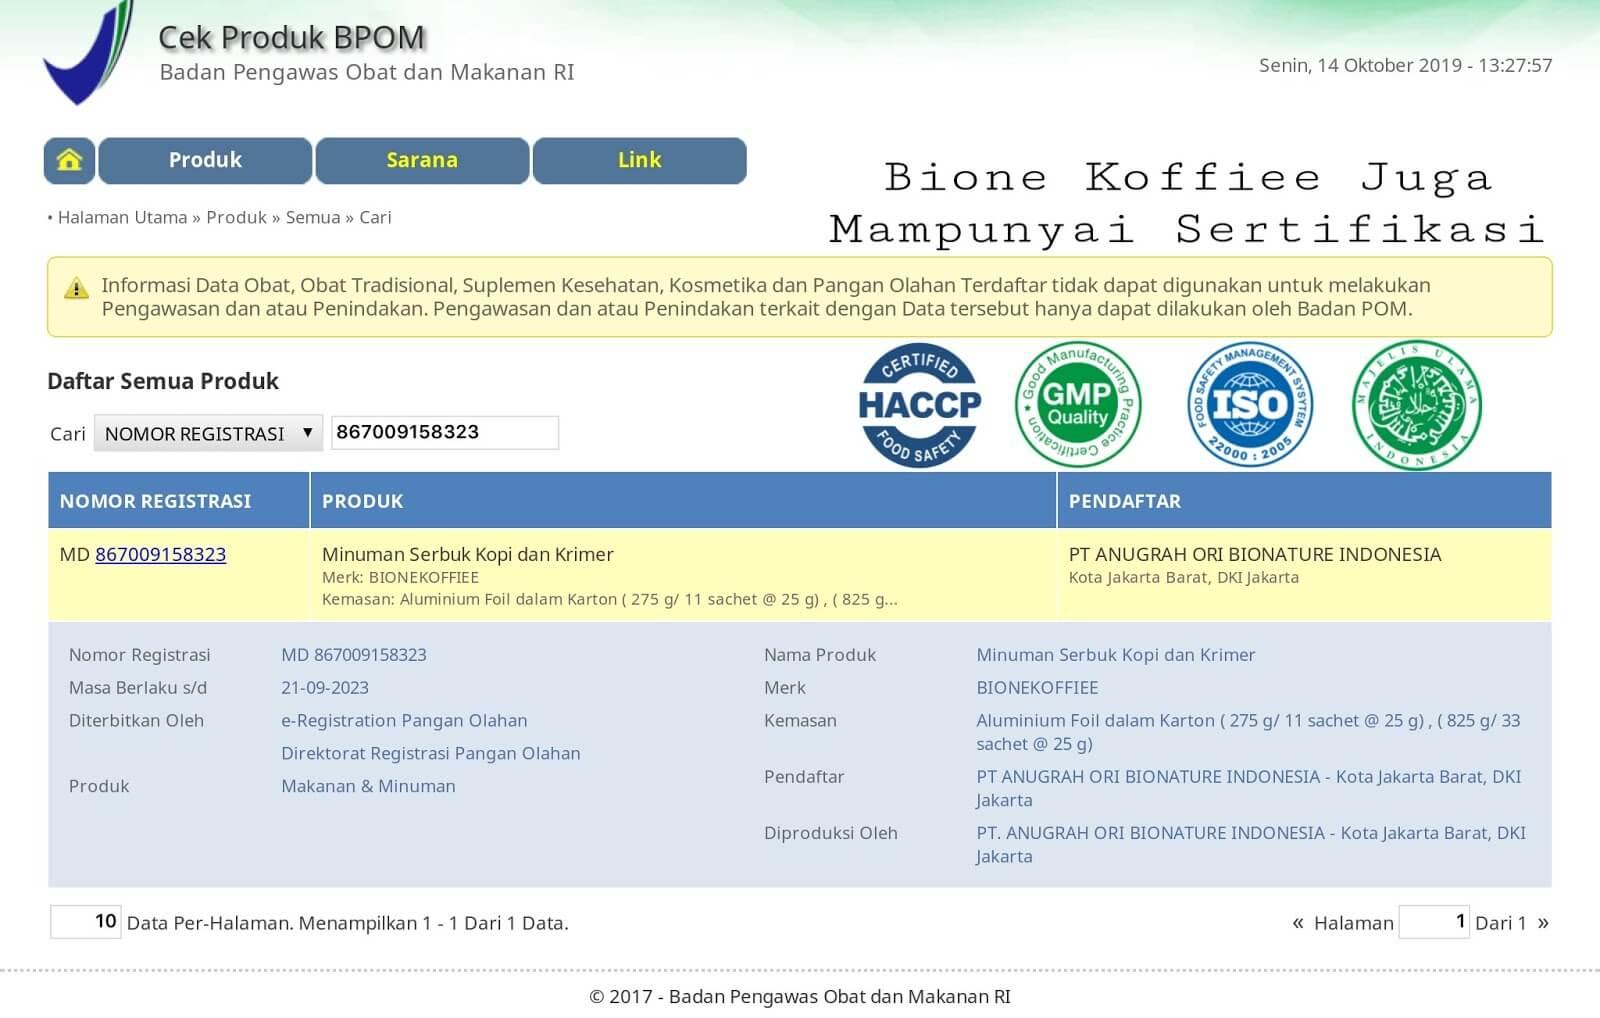 Bione Koffiee : Kopi Herbal Untuk Kesehatan Meningkatkan Stamina Pria Dan Wanita